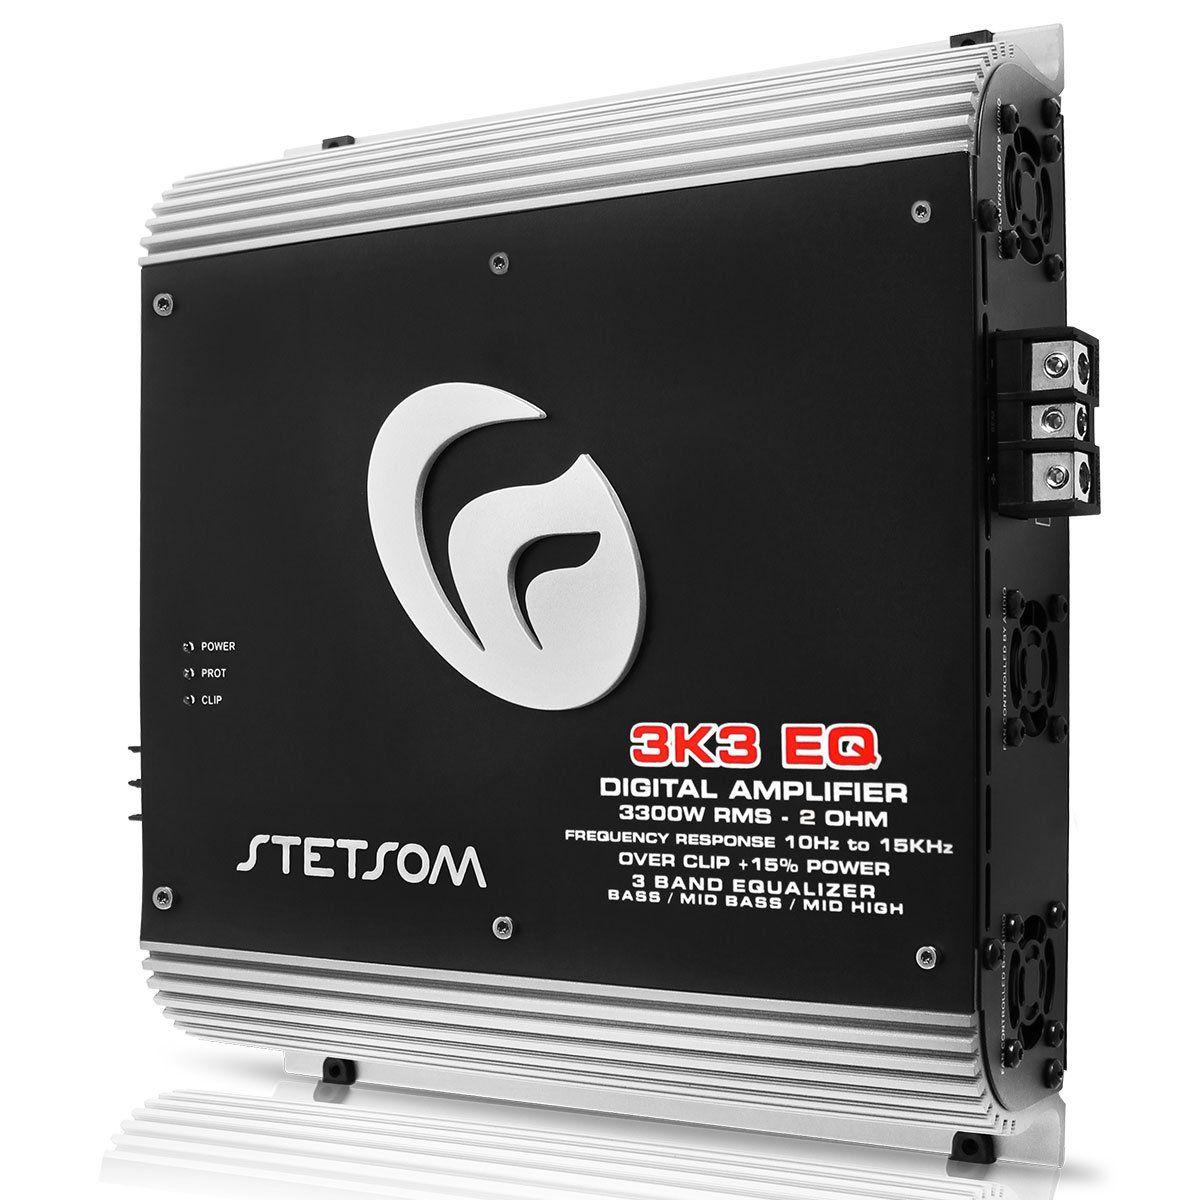 Módulo Amplificador Stetsom 3K3Eq2 Digital Vulcan 3300W Rms 1Ch 2 Ohms